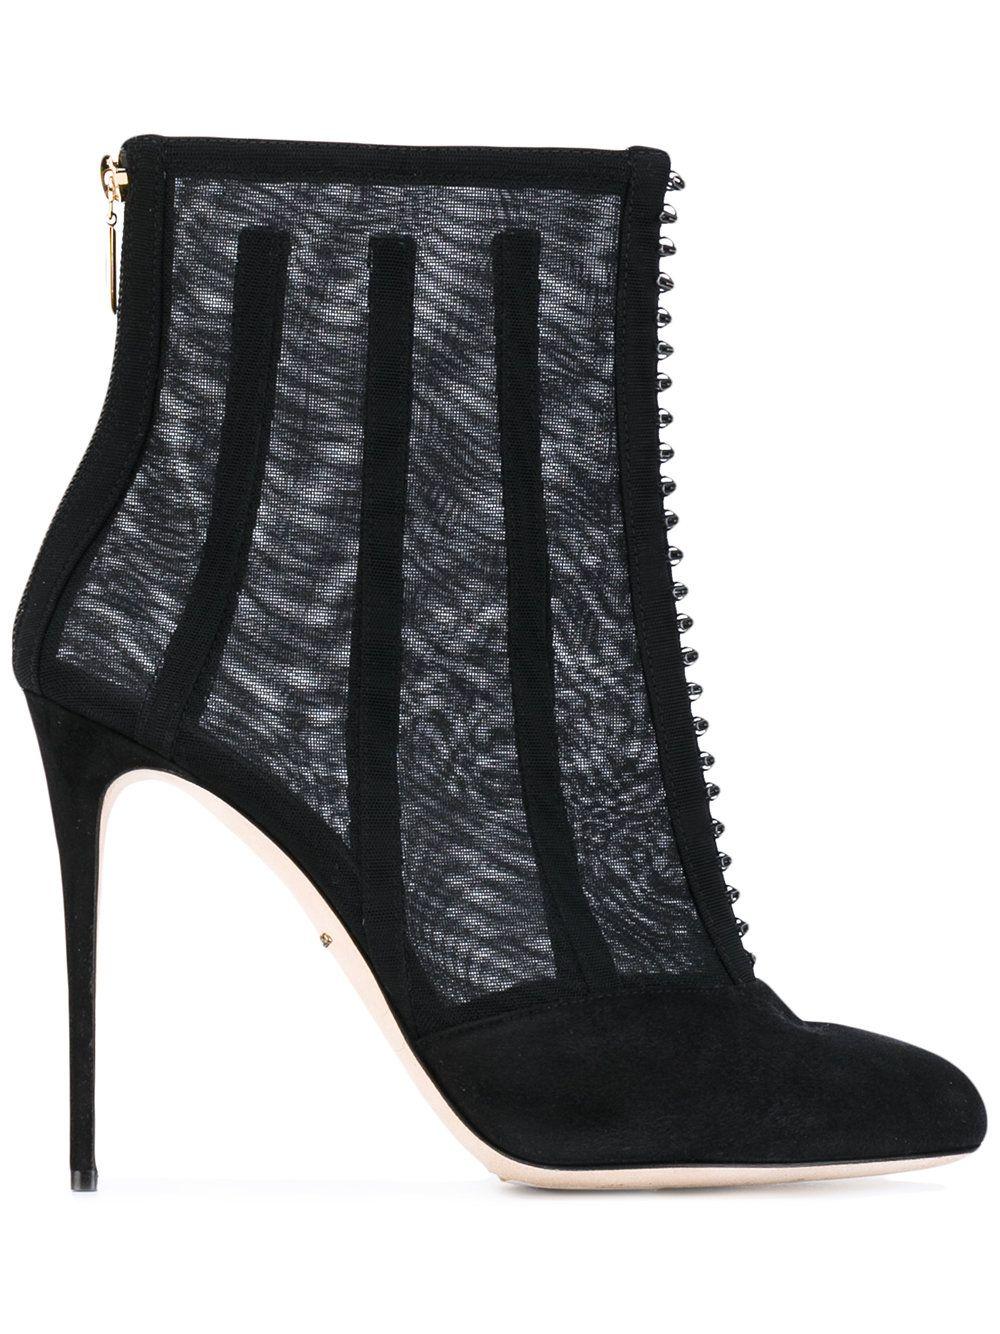 ed26aeee27bb9 Dolce   Gabbana Botines De Malla   Mallas y Comprar